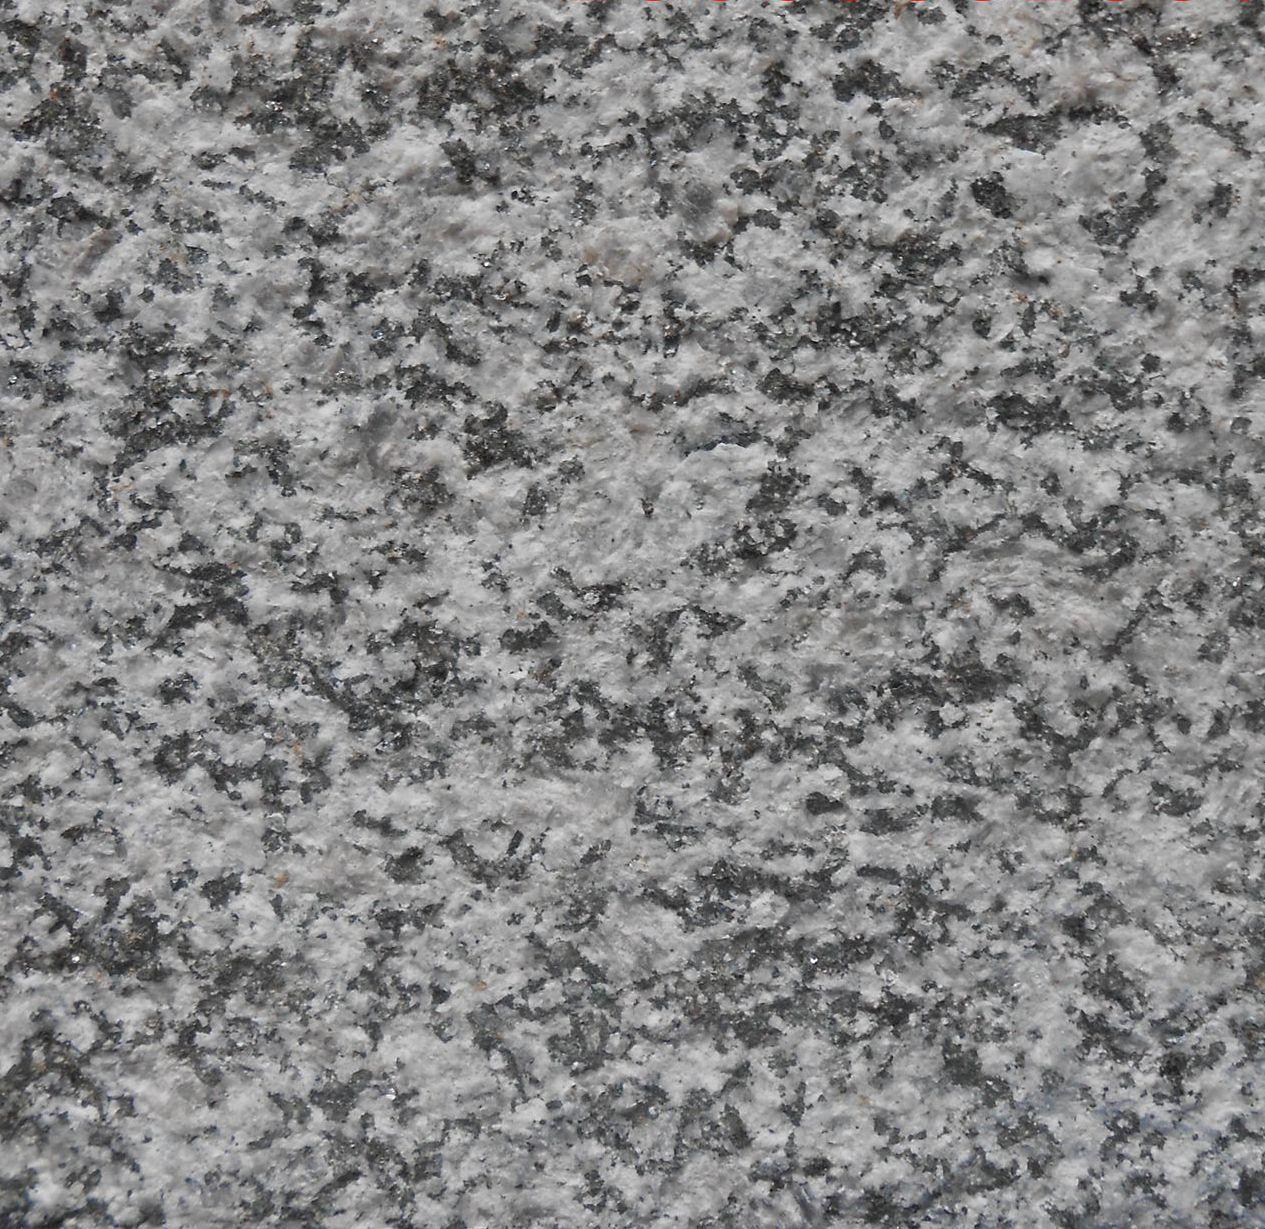 DEHENG Đá hoa cương Vừng đen đá cẩm thạch đen xám gai dầu vải thiều bề mặt bảng lửa màu xám giá lửa